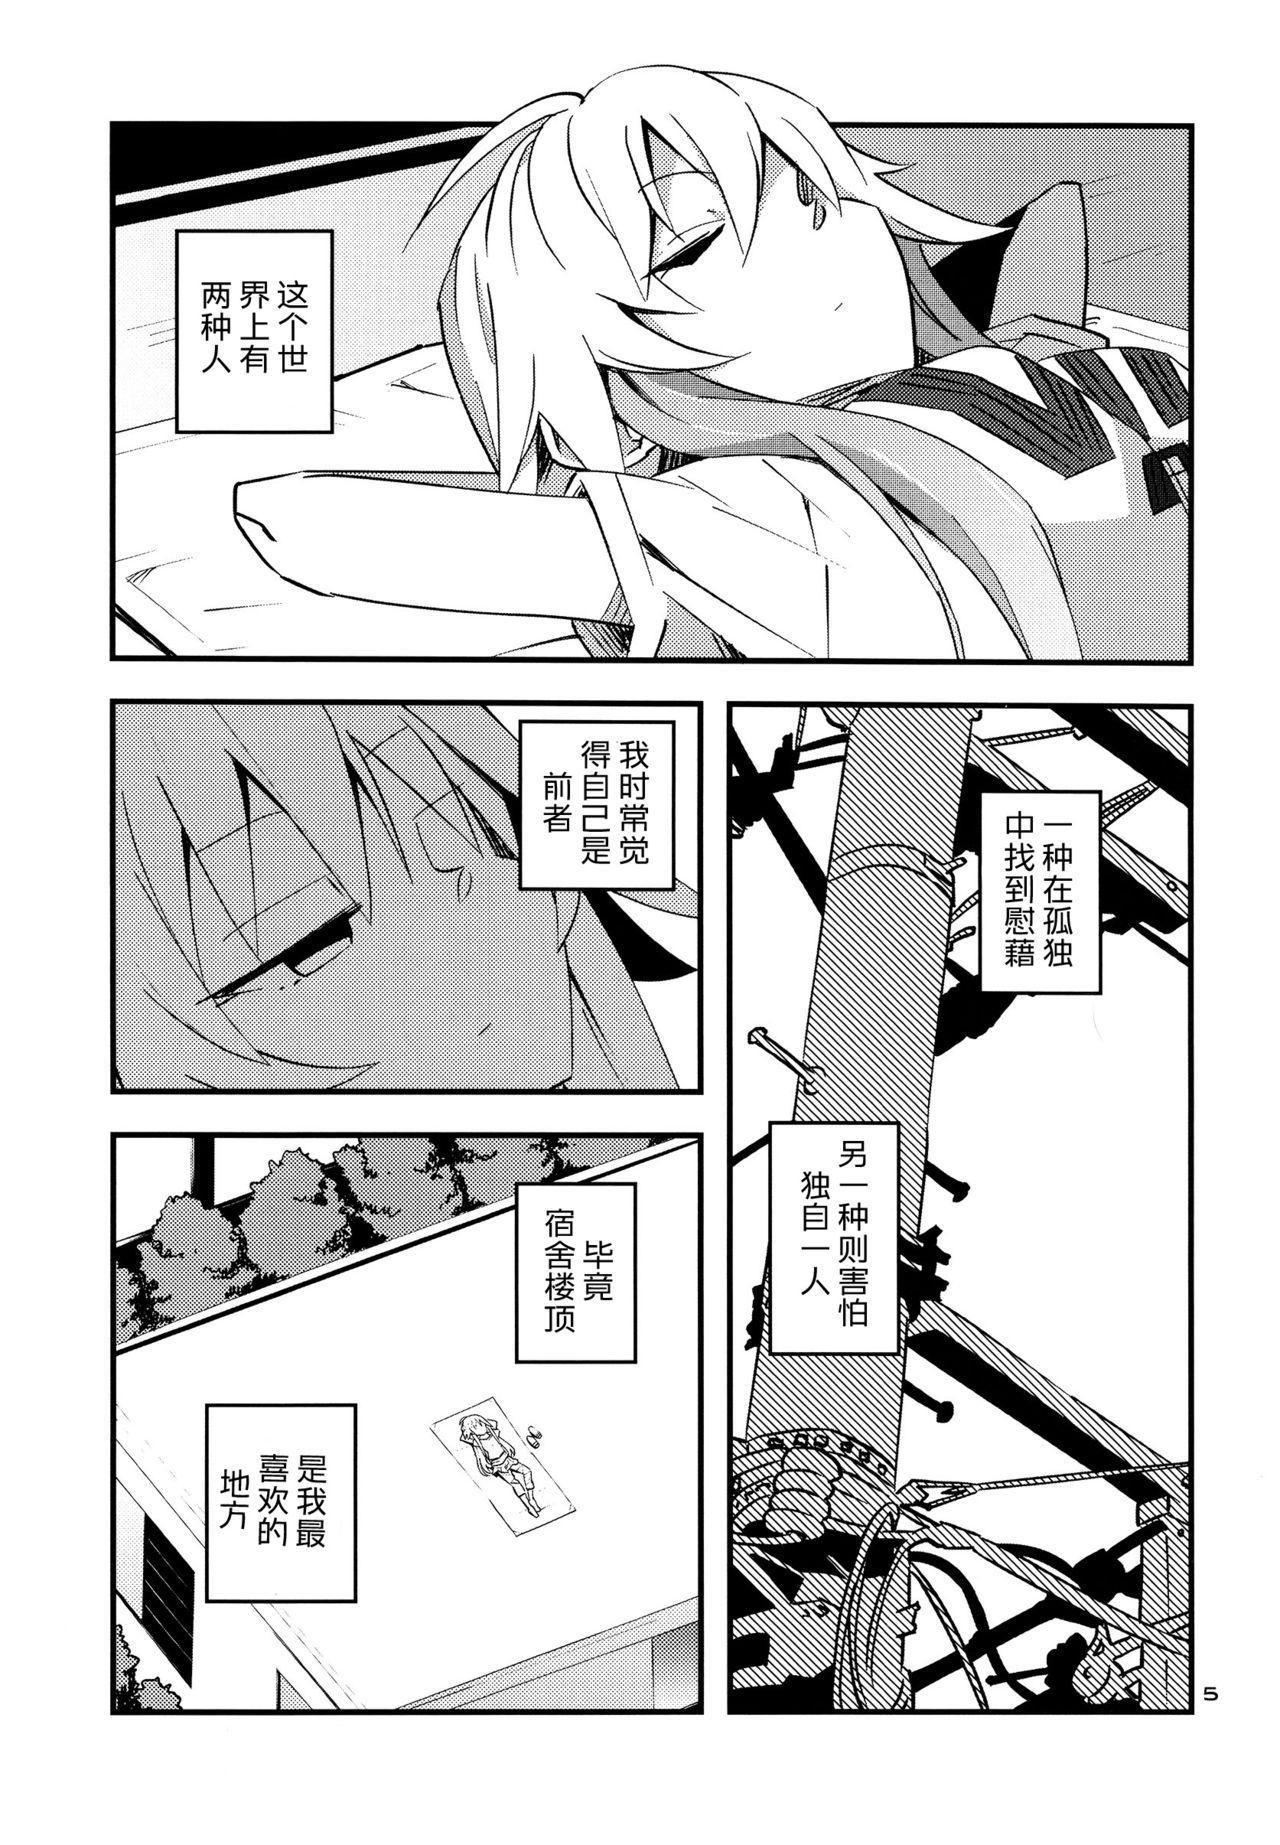 Koume Shirasaka ni Natsukareta Ninomiya Asuka Ninomiya   Asuka Longs For Shirasaka Koume 4